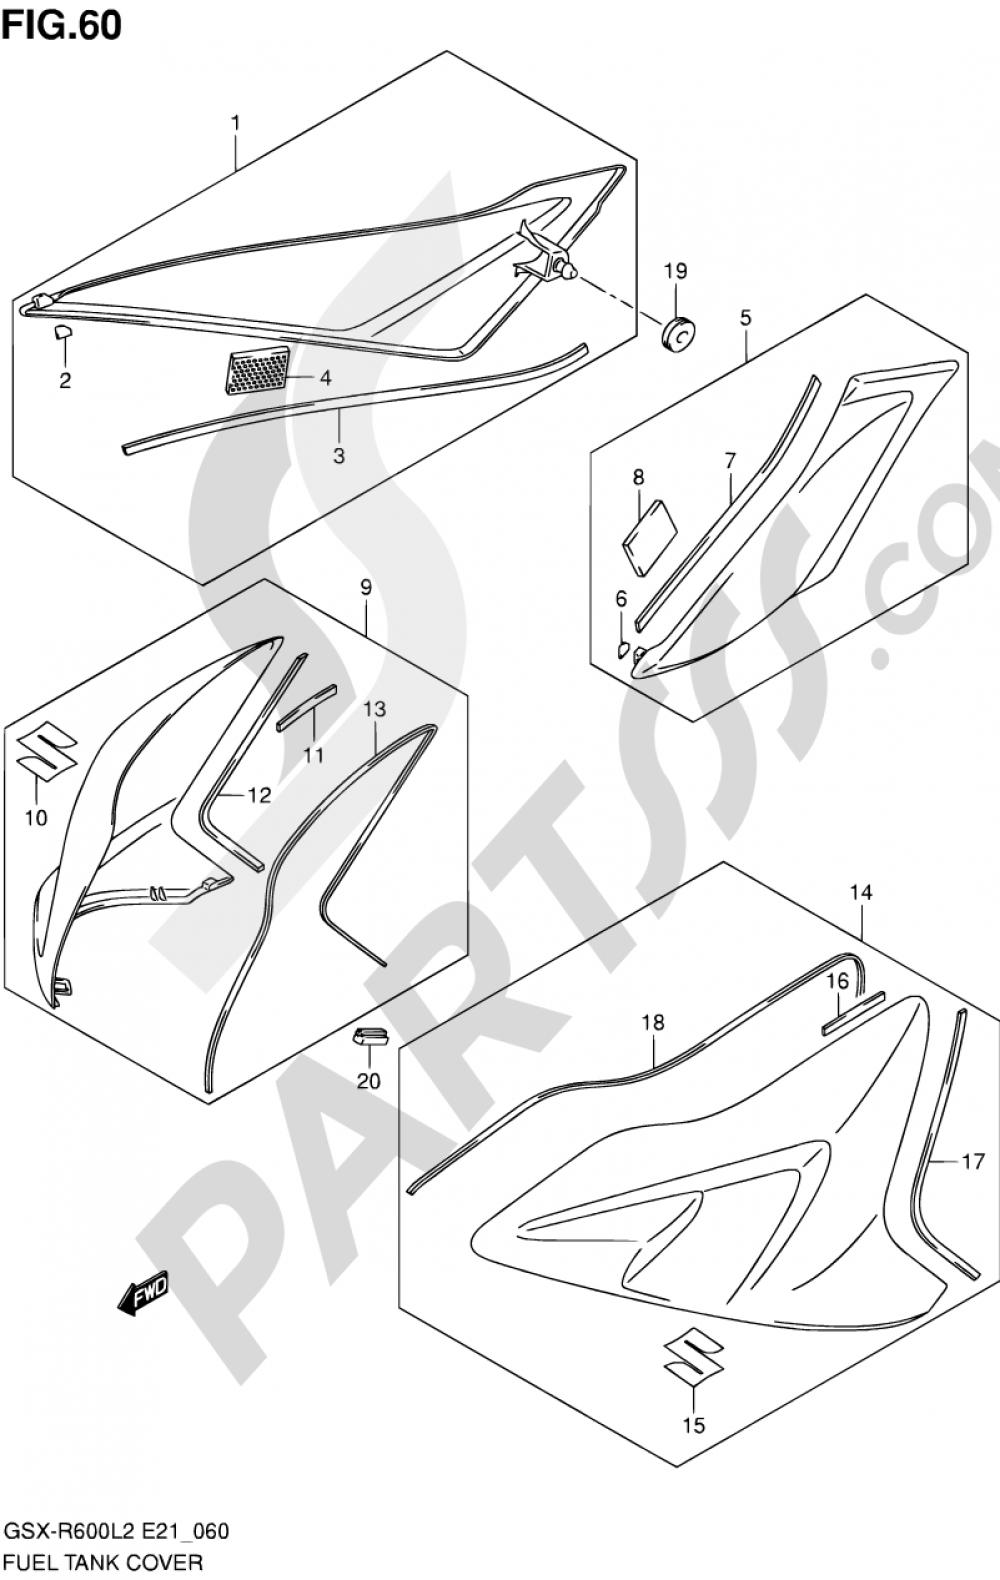 60 - FUEL TANK COVER (GSX-R600UFL2 E21) Suzuki GSX-R600 2012